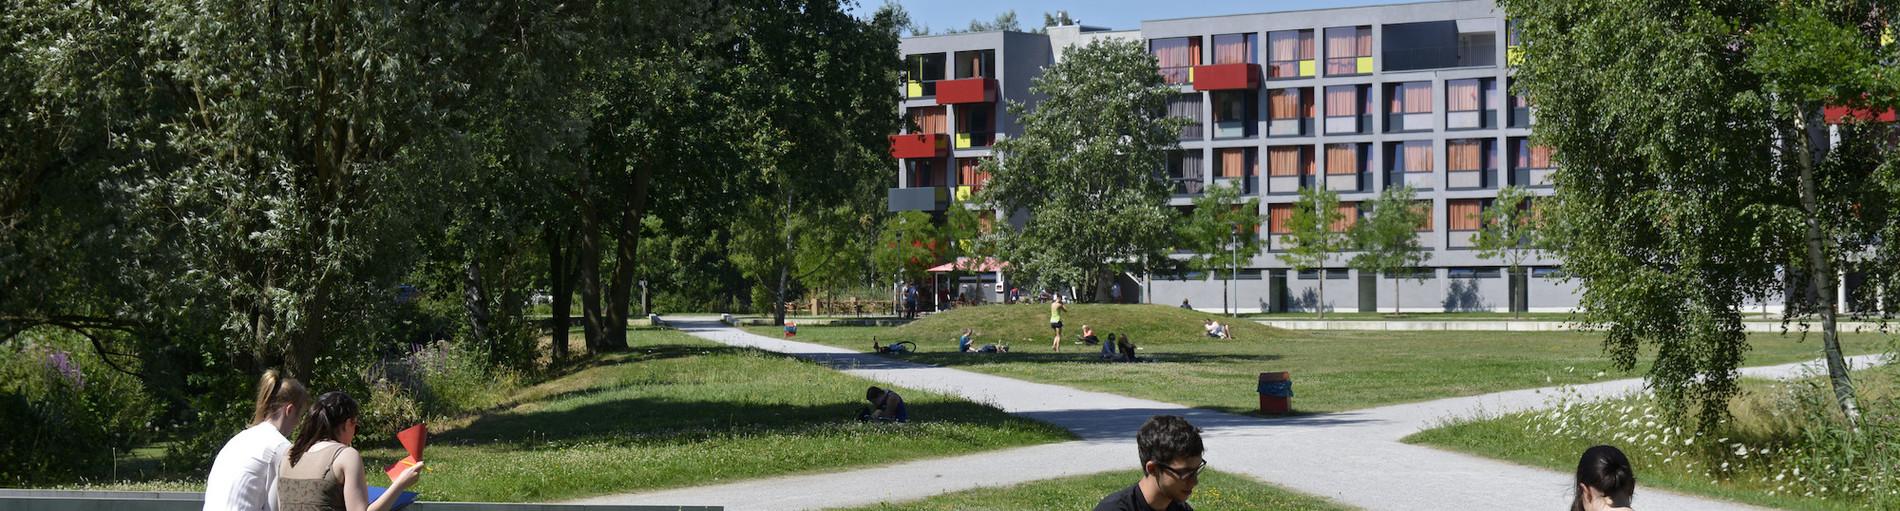 Studenten sitzen auf dem Rasen auf dem Uni Gelände und genießen die Sonne